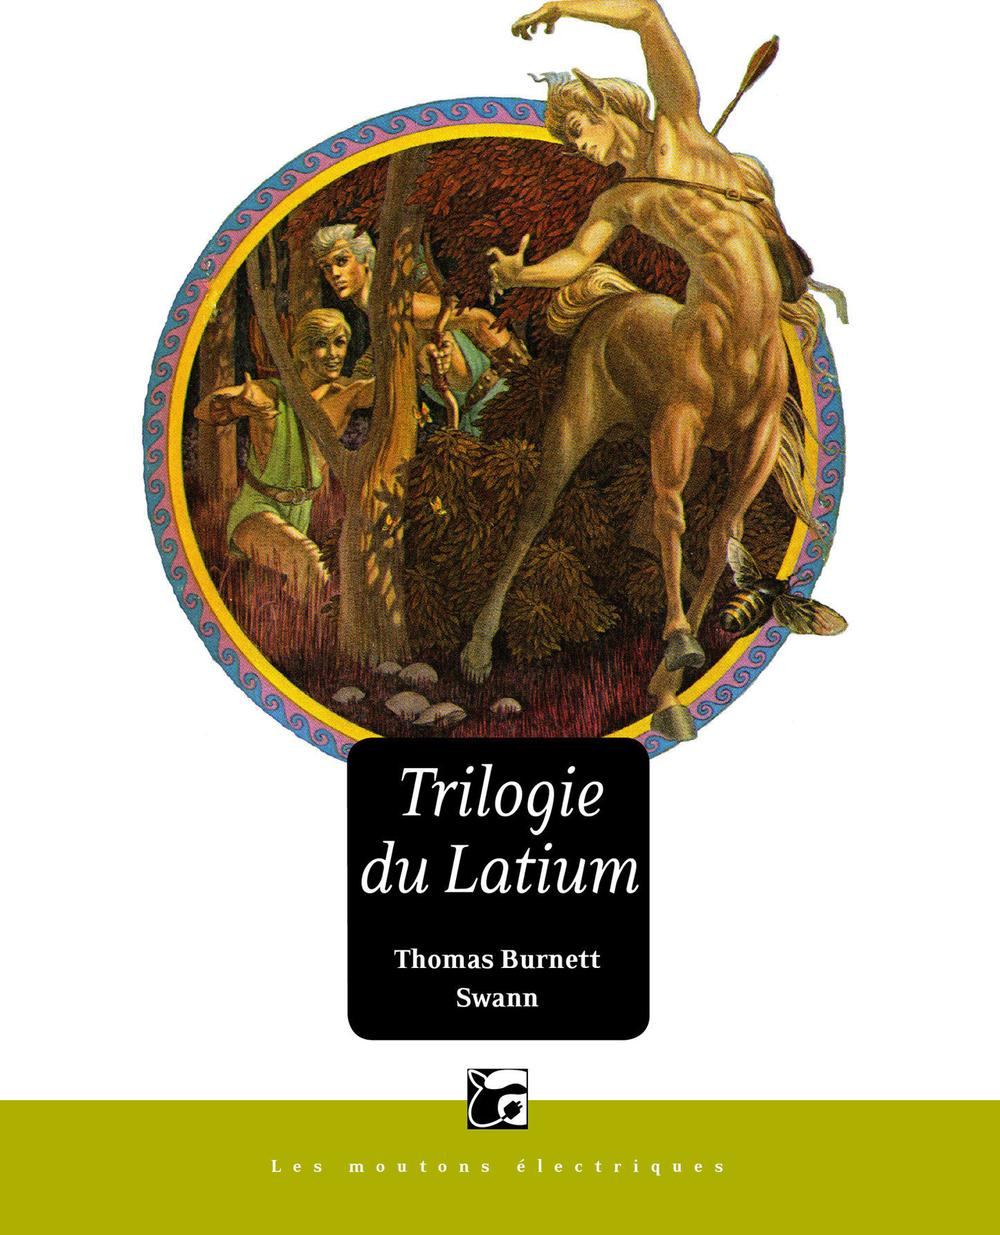 Trilogie du Latium